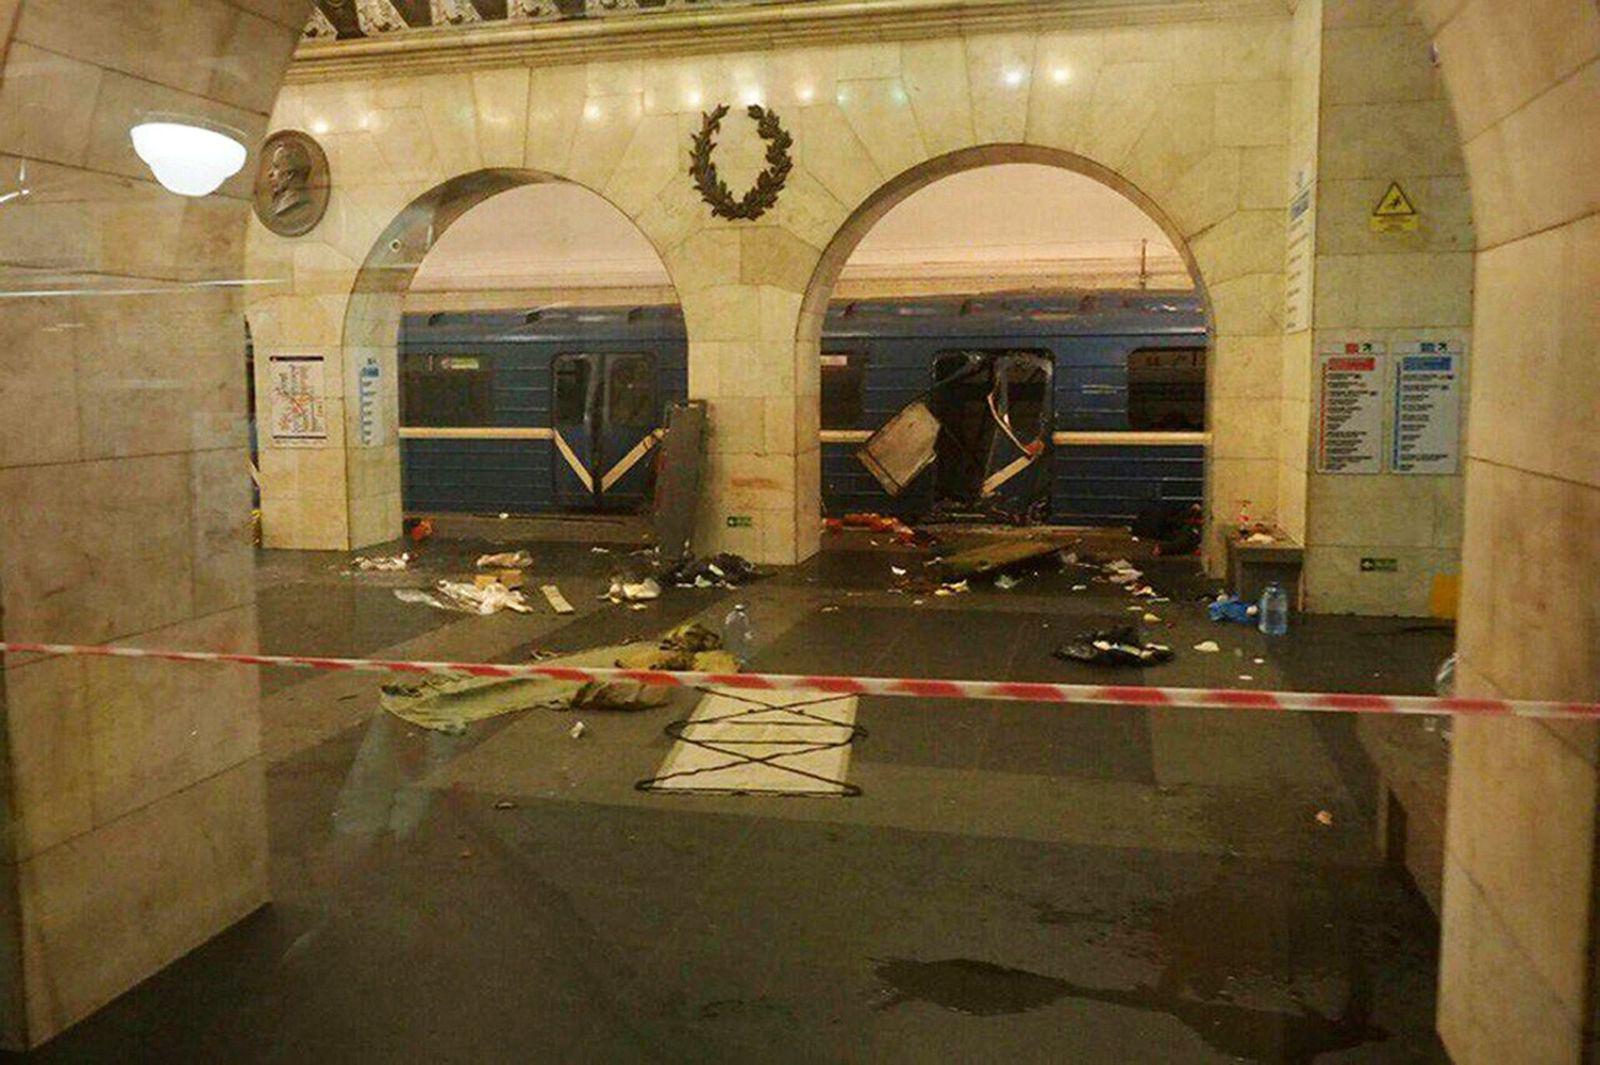 St. Petersburg/ Ubahn/ Explosion